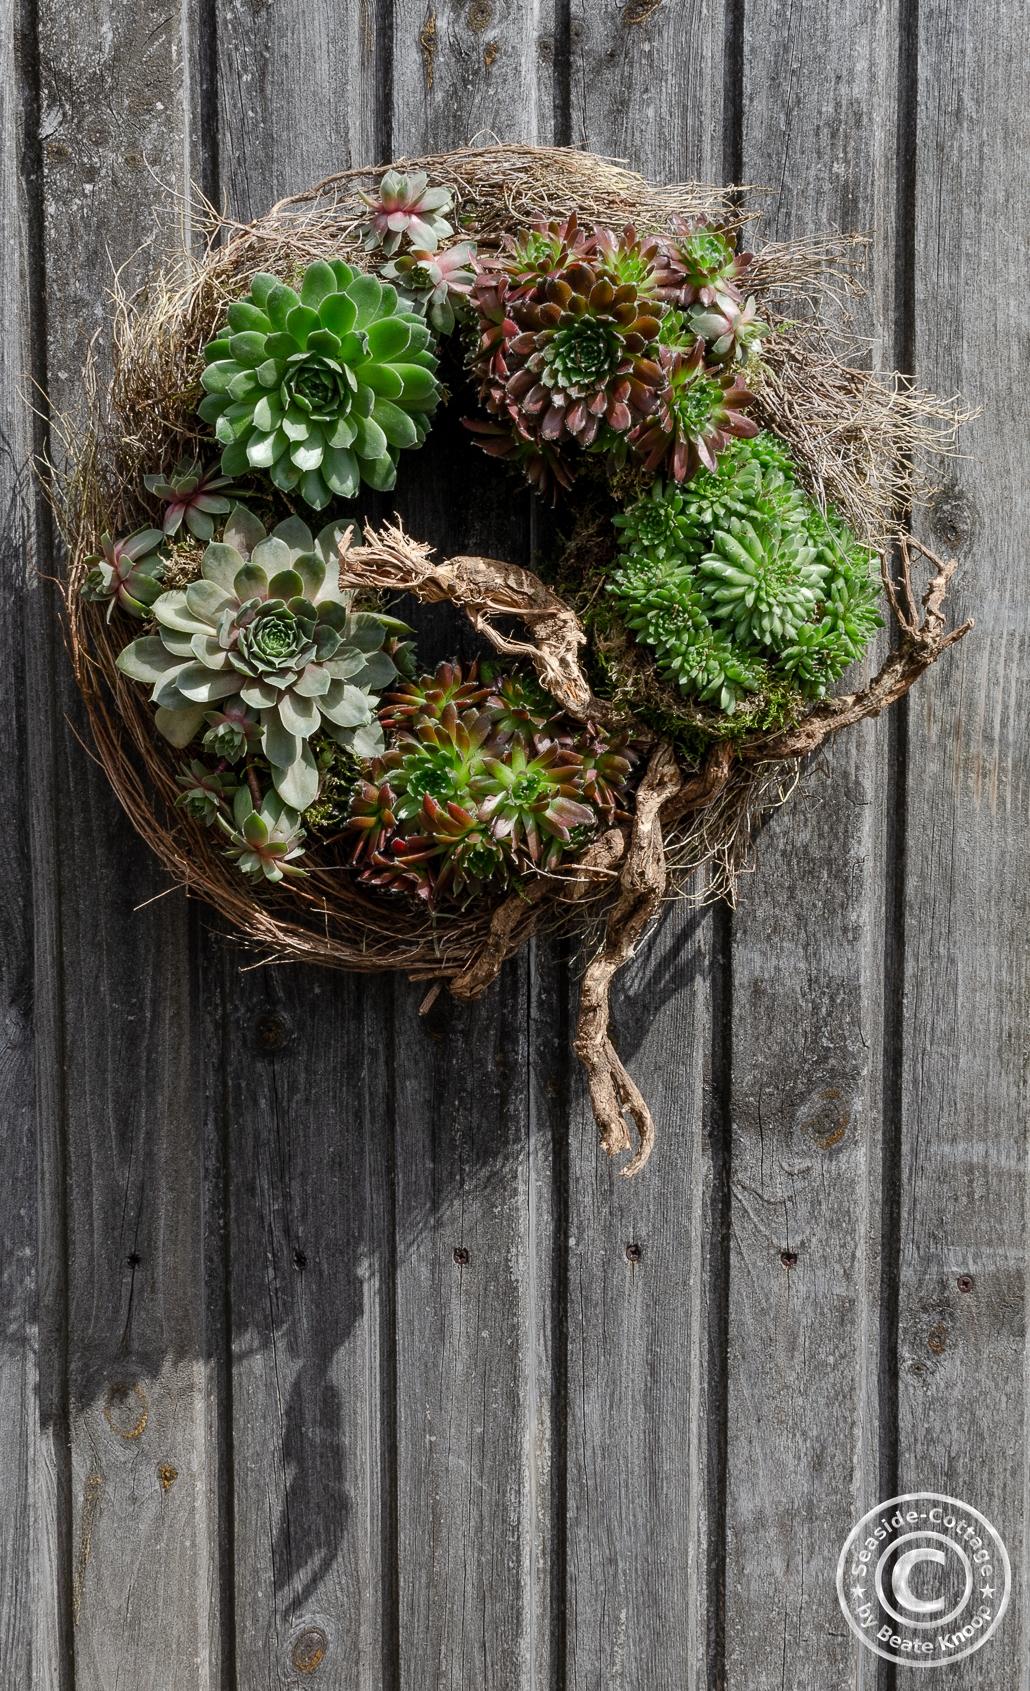 Naturkranz mit Sempervivum an einer Holzwand hängend